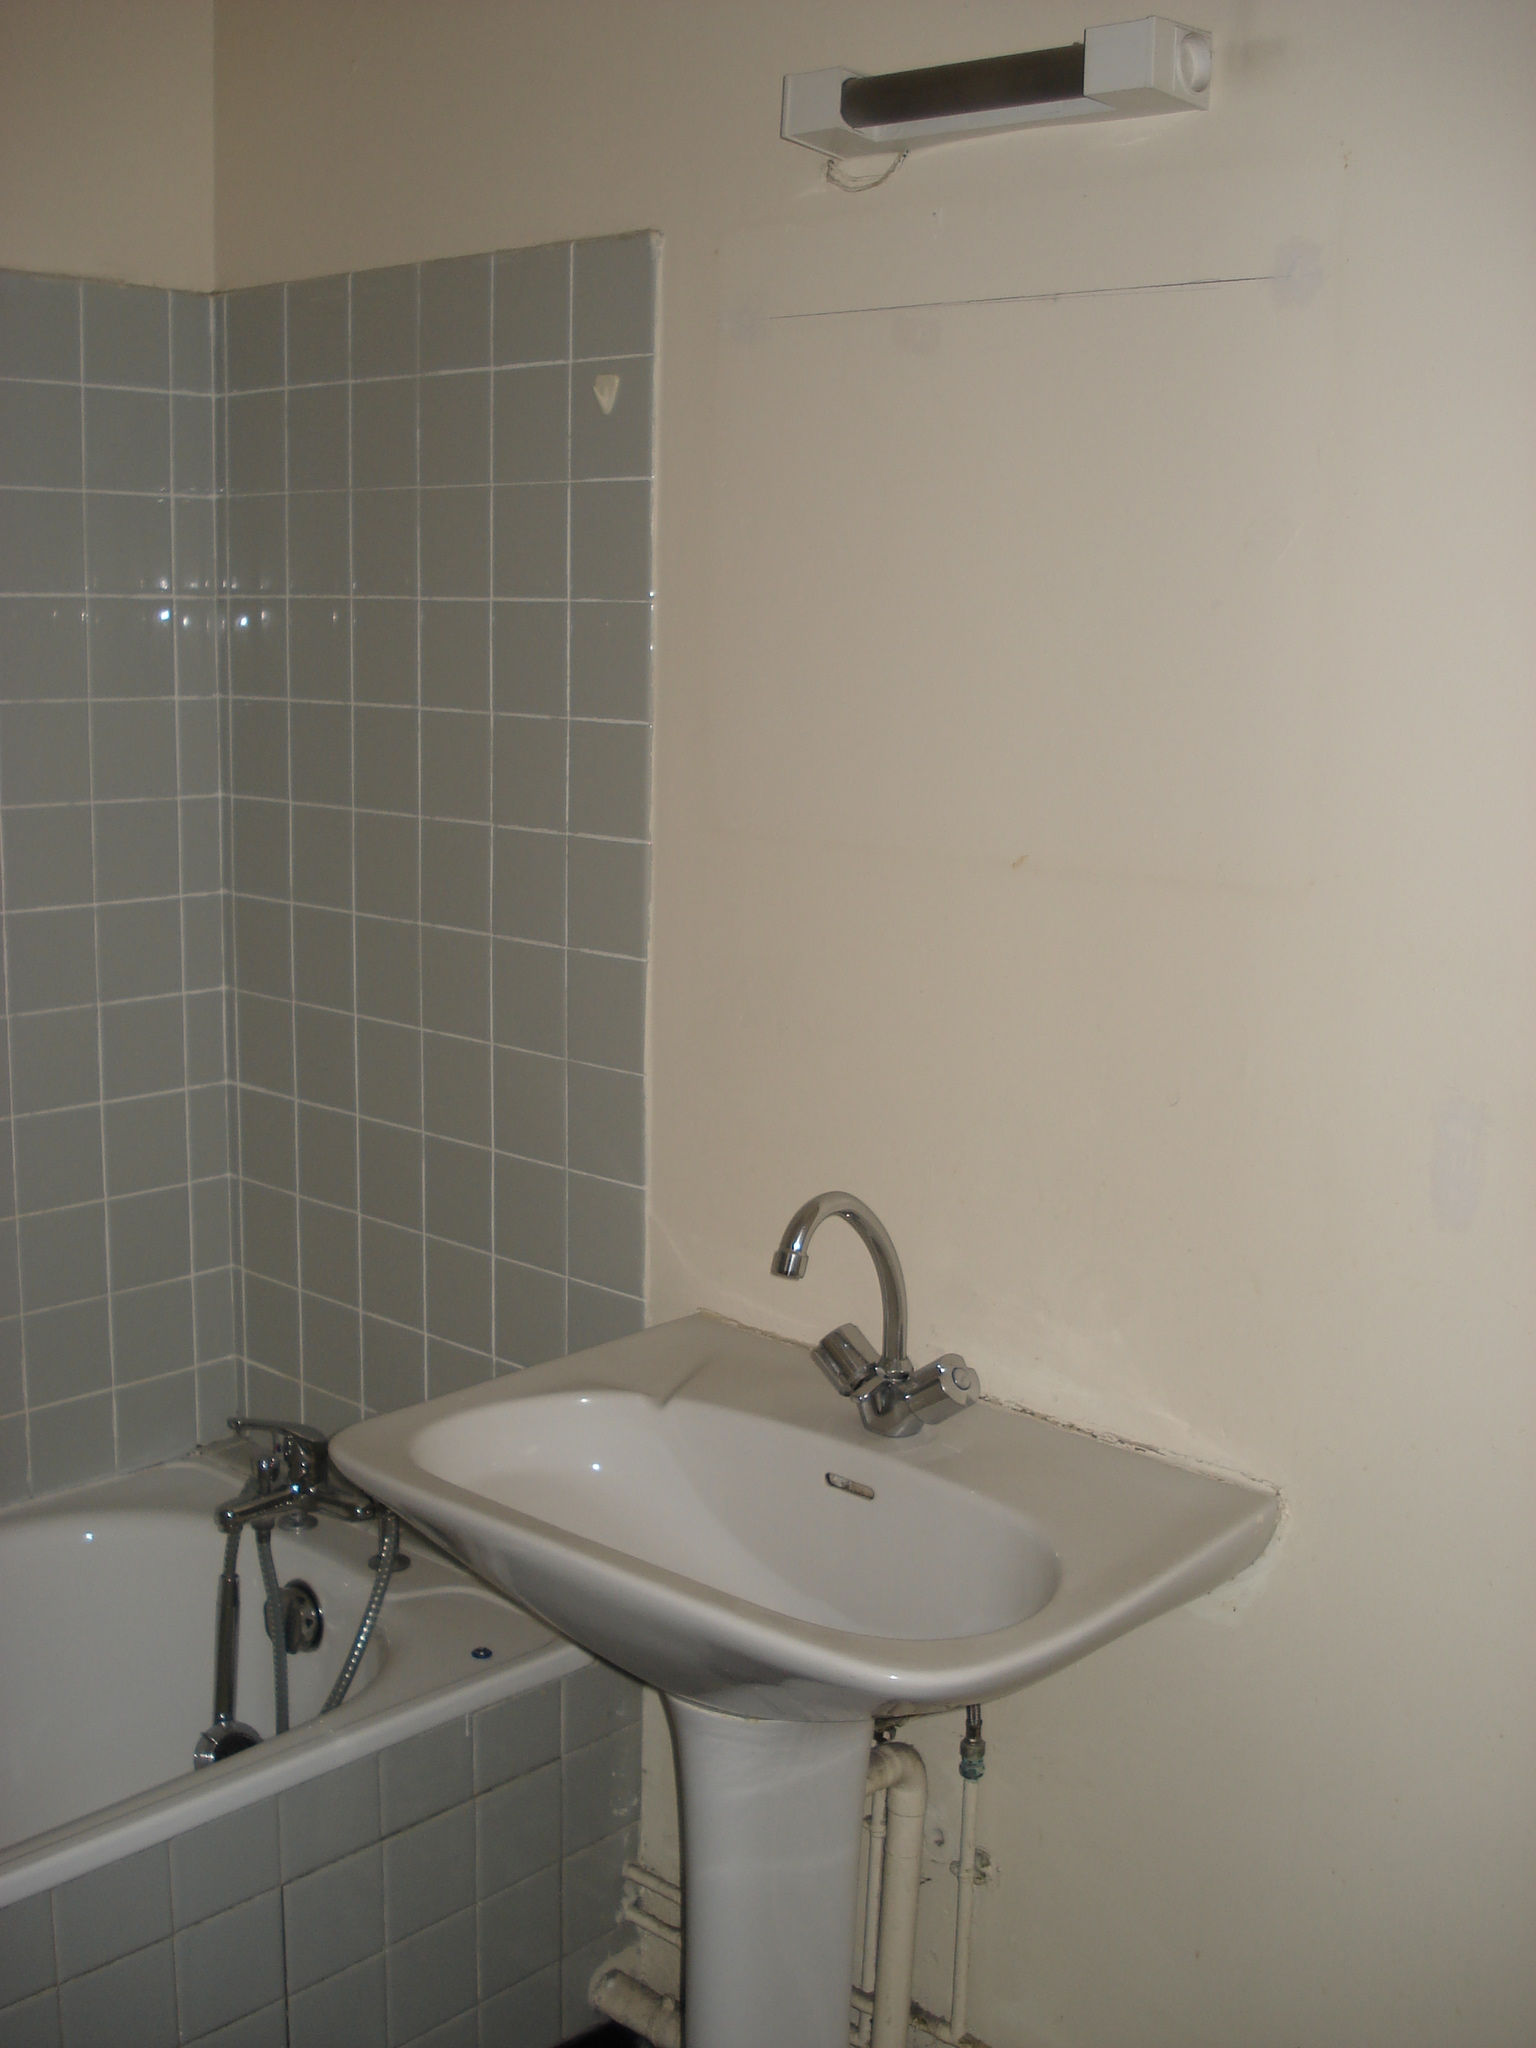 Salle de bain orientale photos Salle de bain orientale